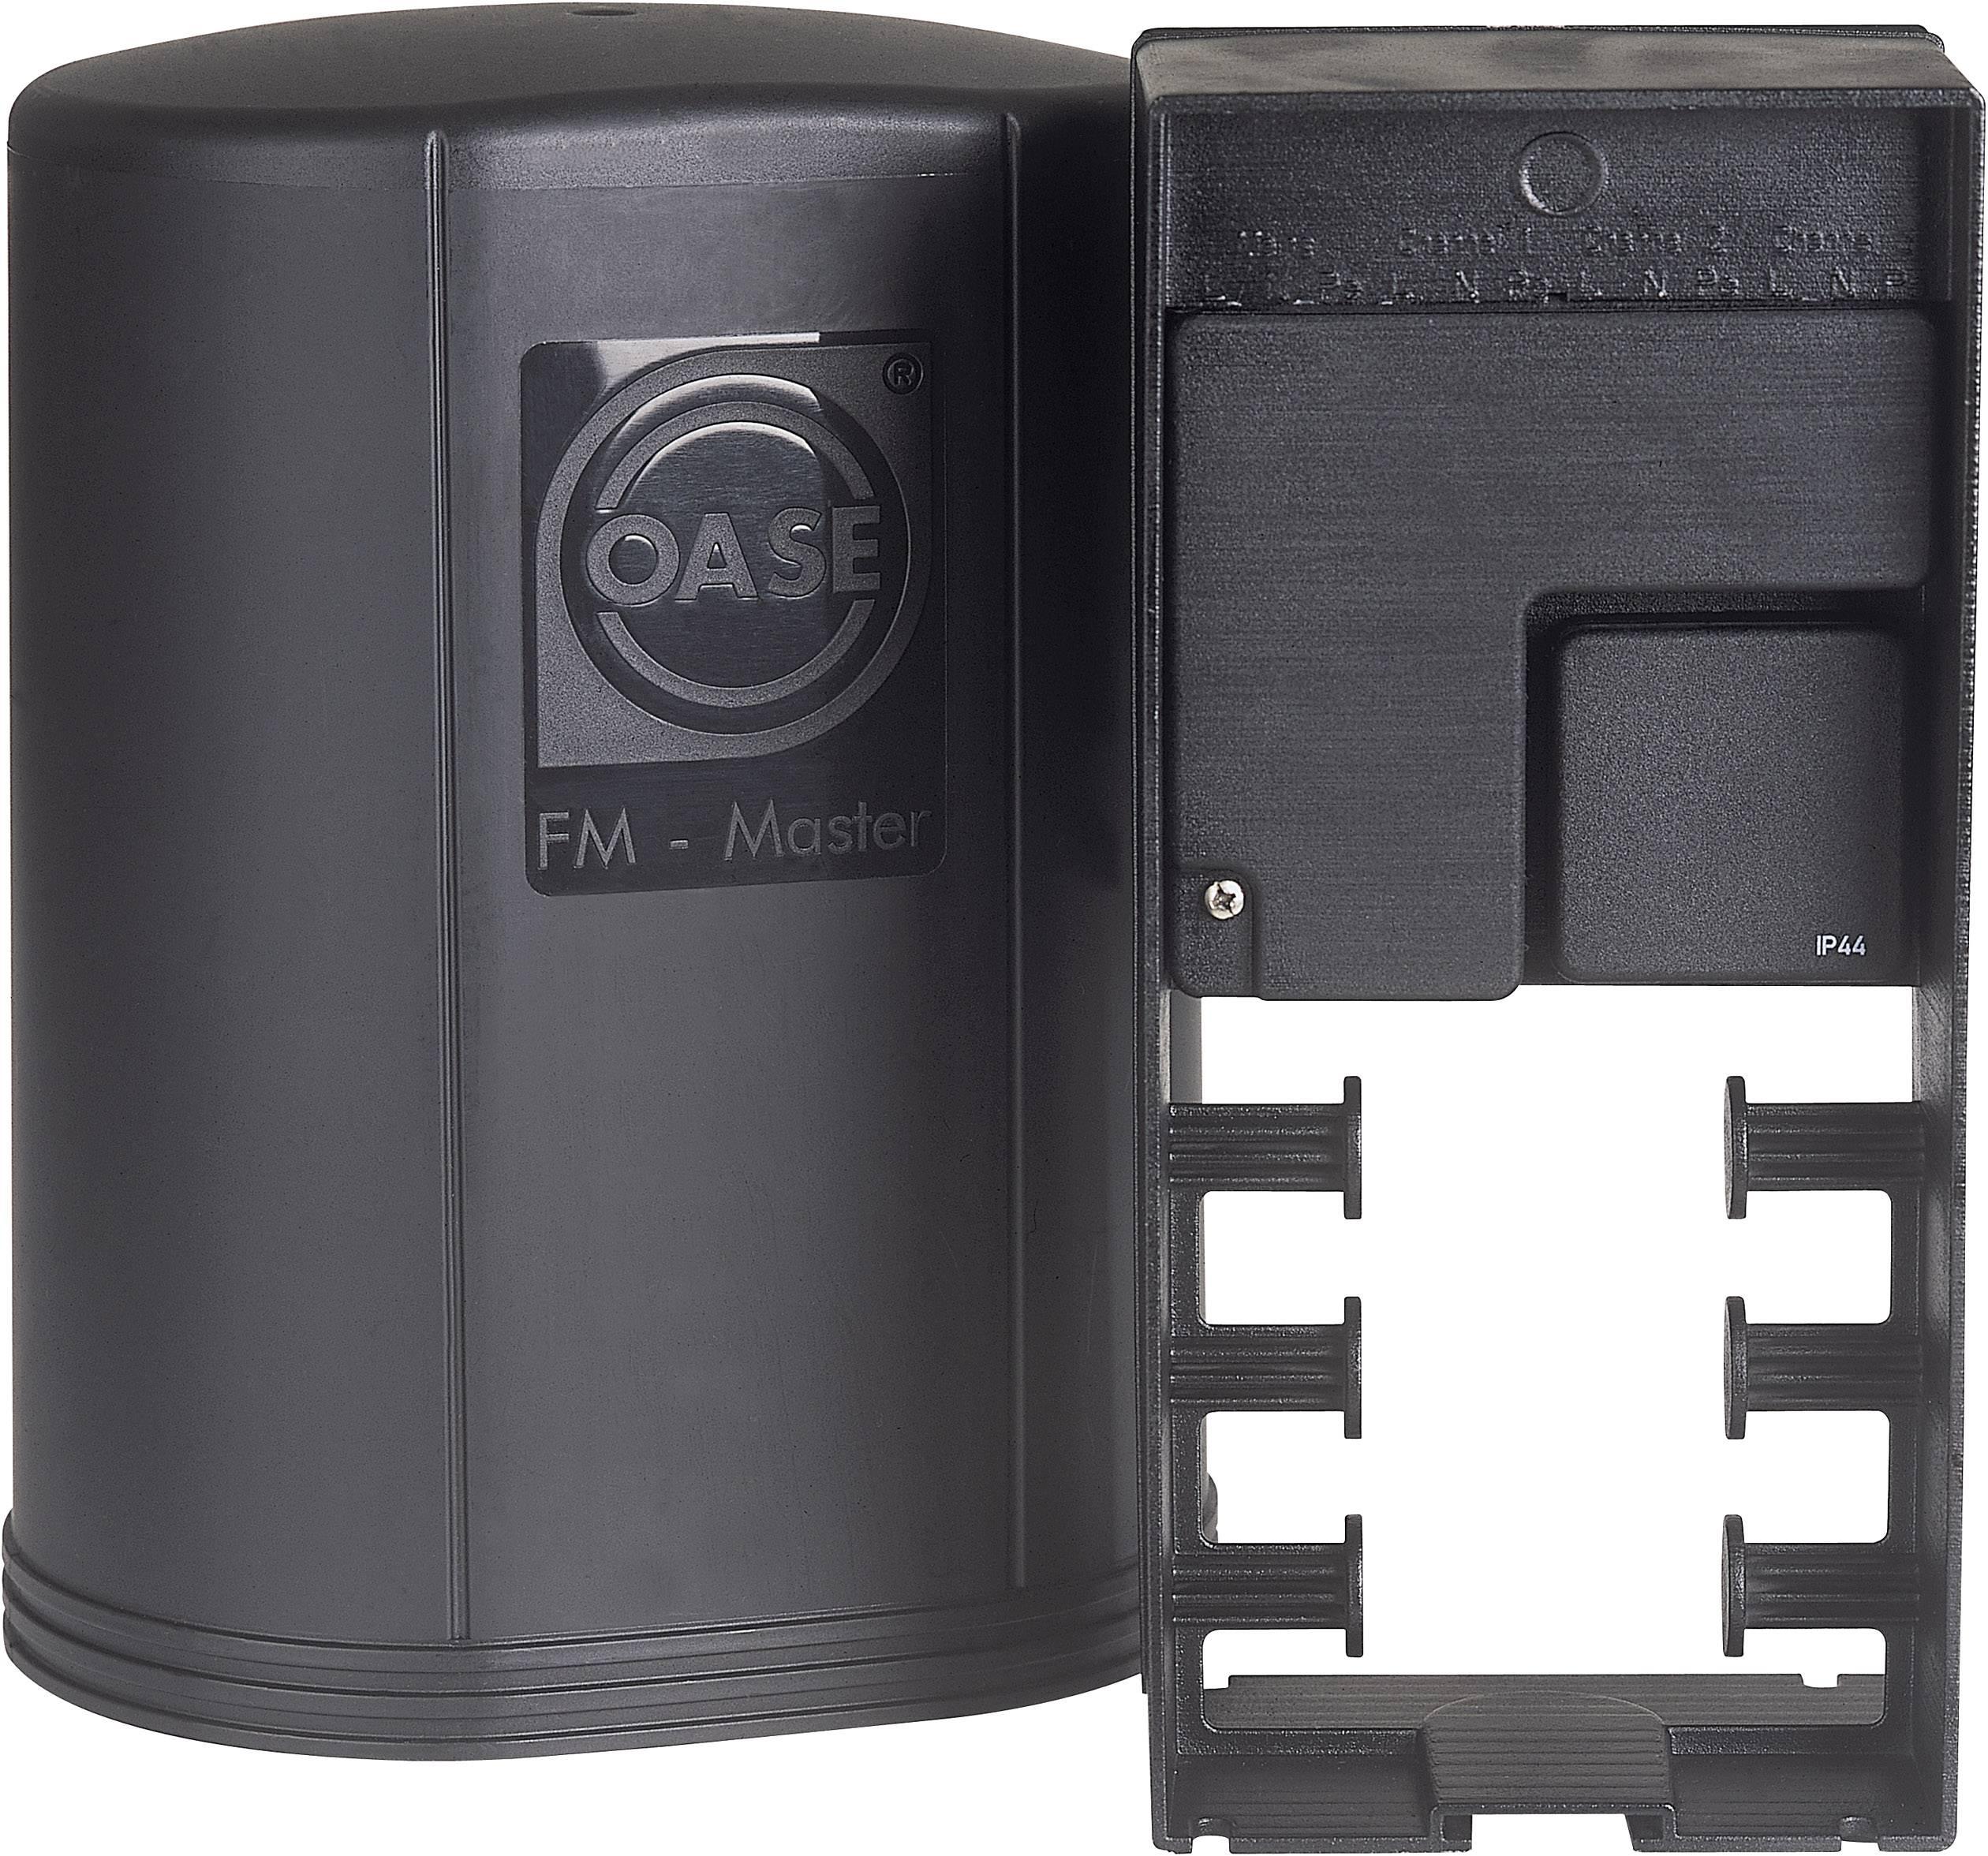 Zahradní rozvaděč s dálkovým ovládáním Oase 54978 FM-Master 1, 4 zásuvky